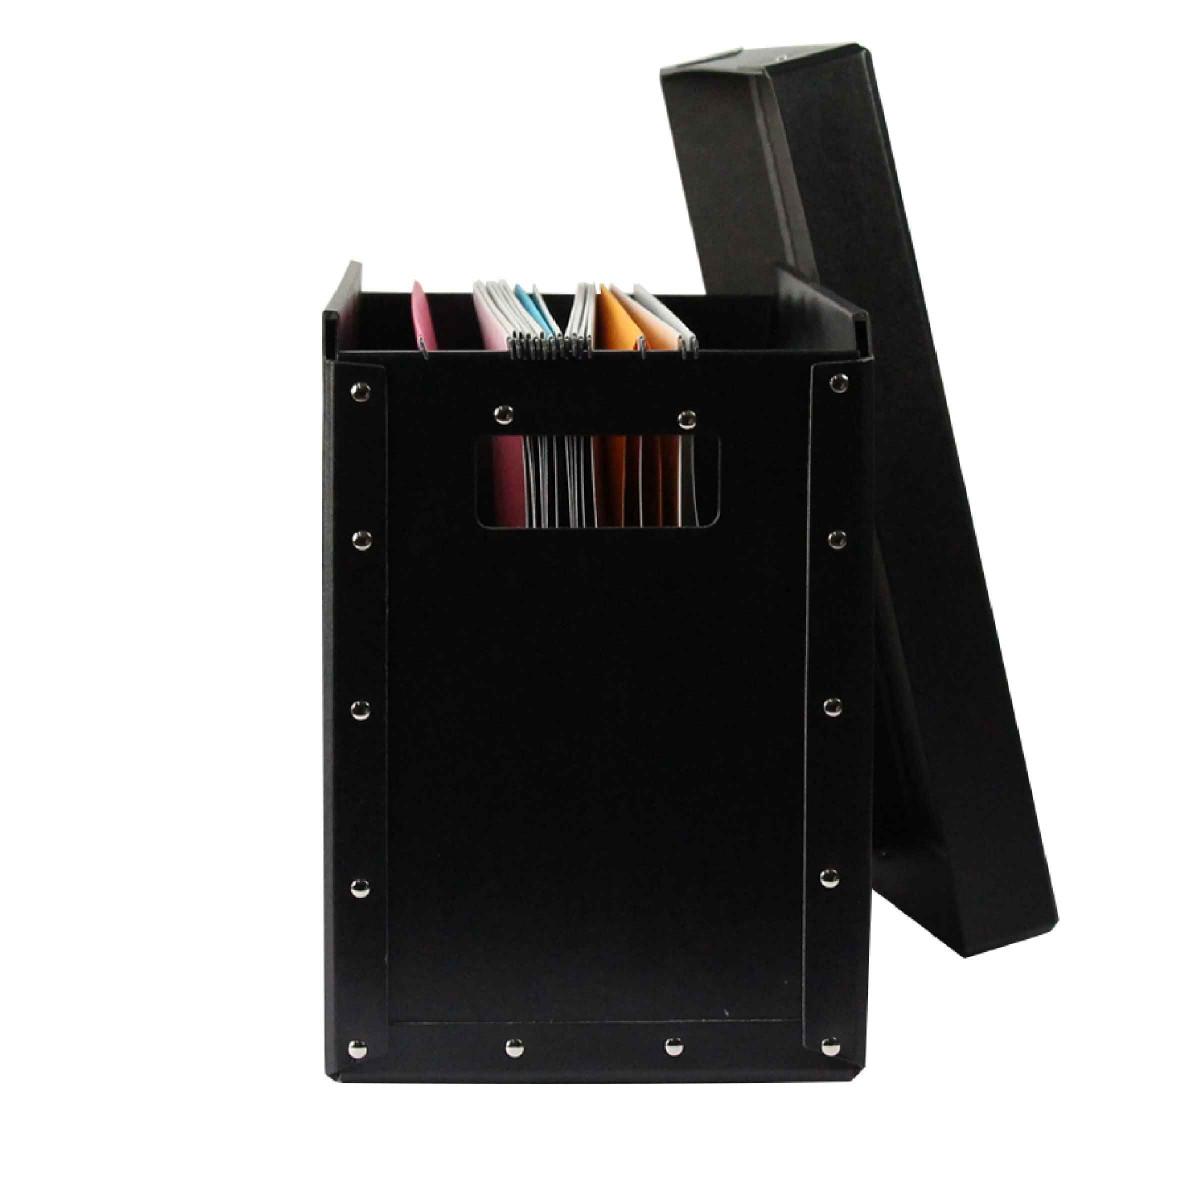 bo te noire dossiers suspendus rangement bureau. Black Bedroom Furniture Sets. Home Design Ideas